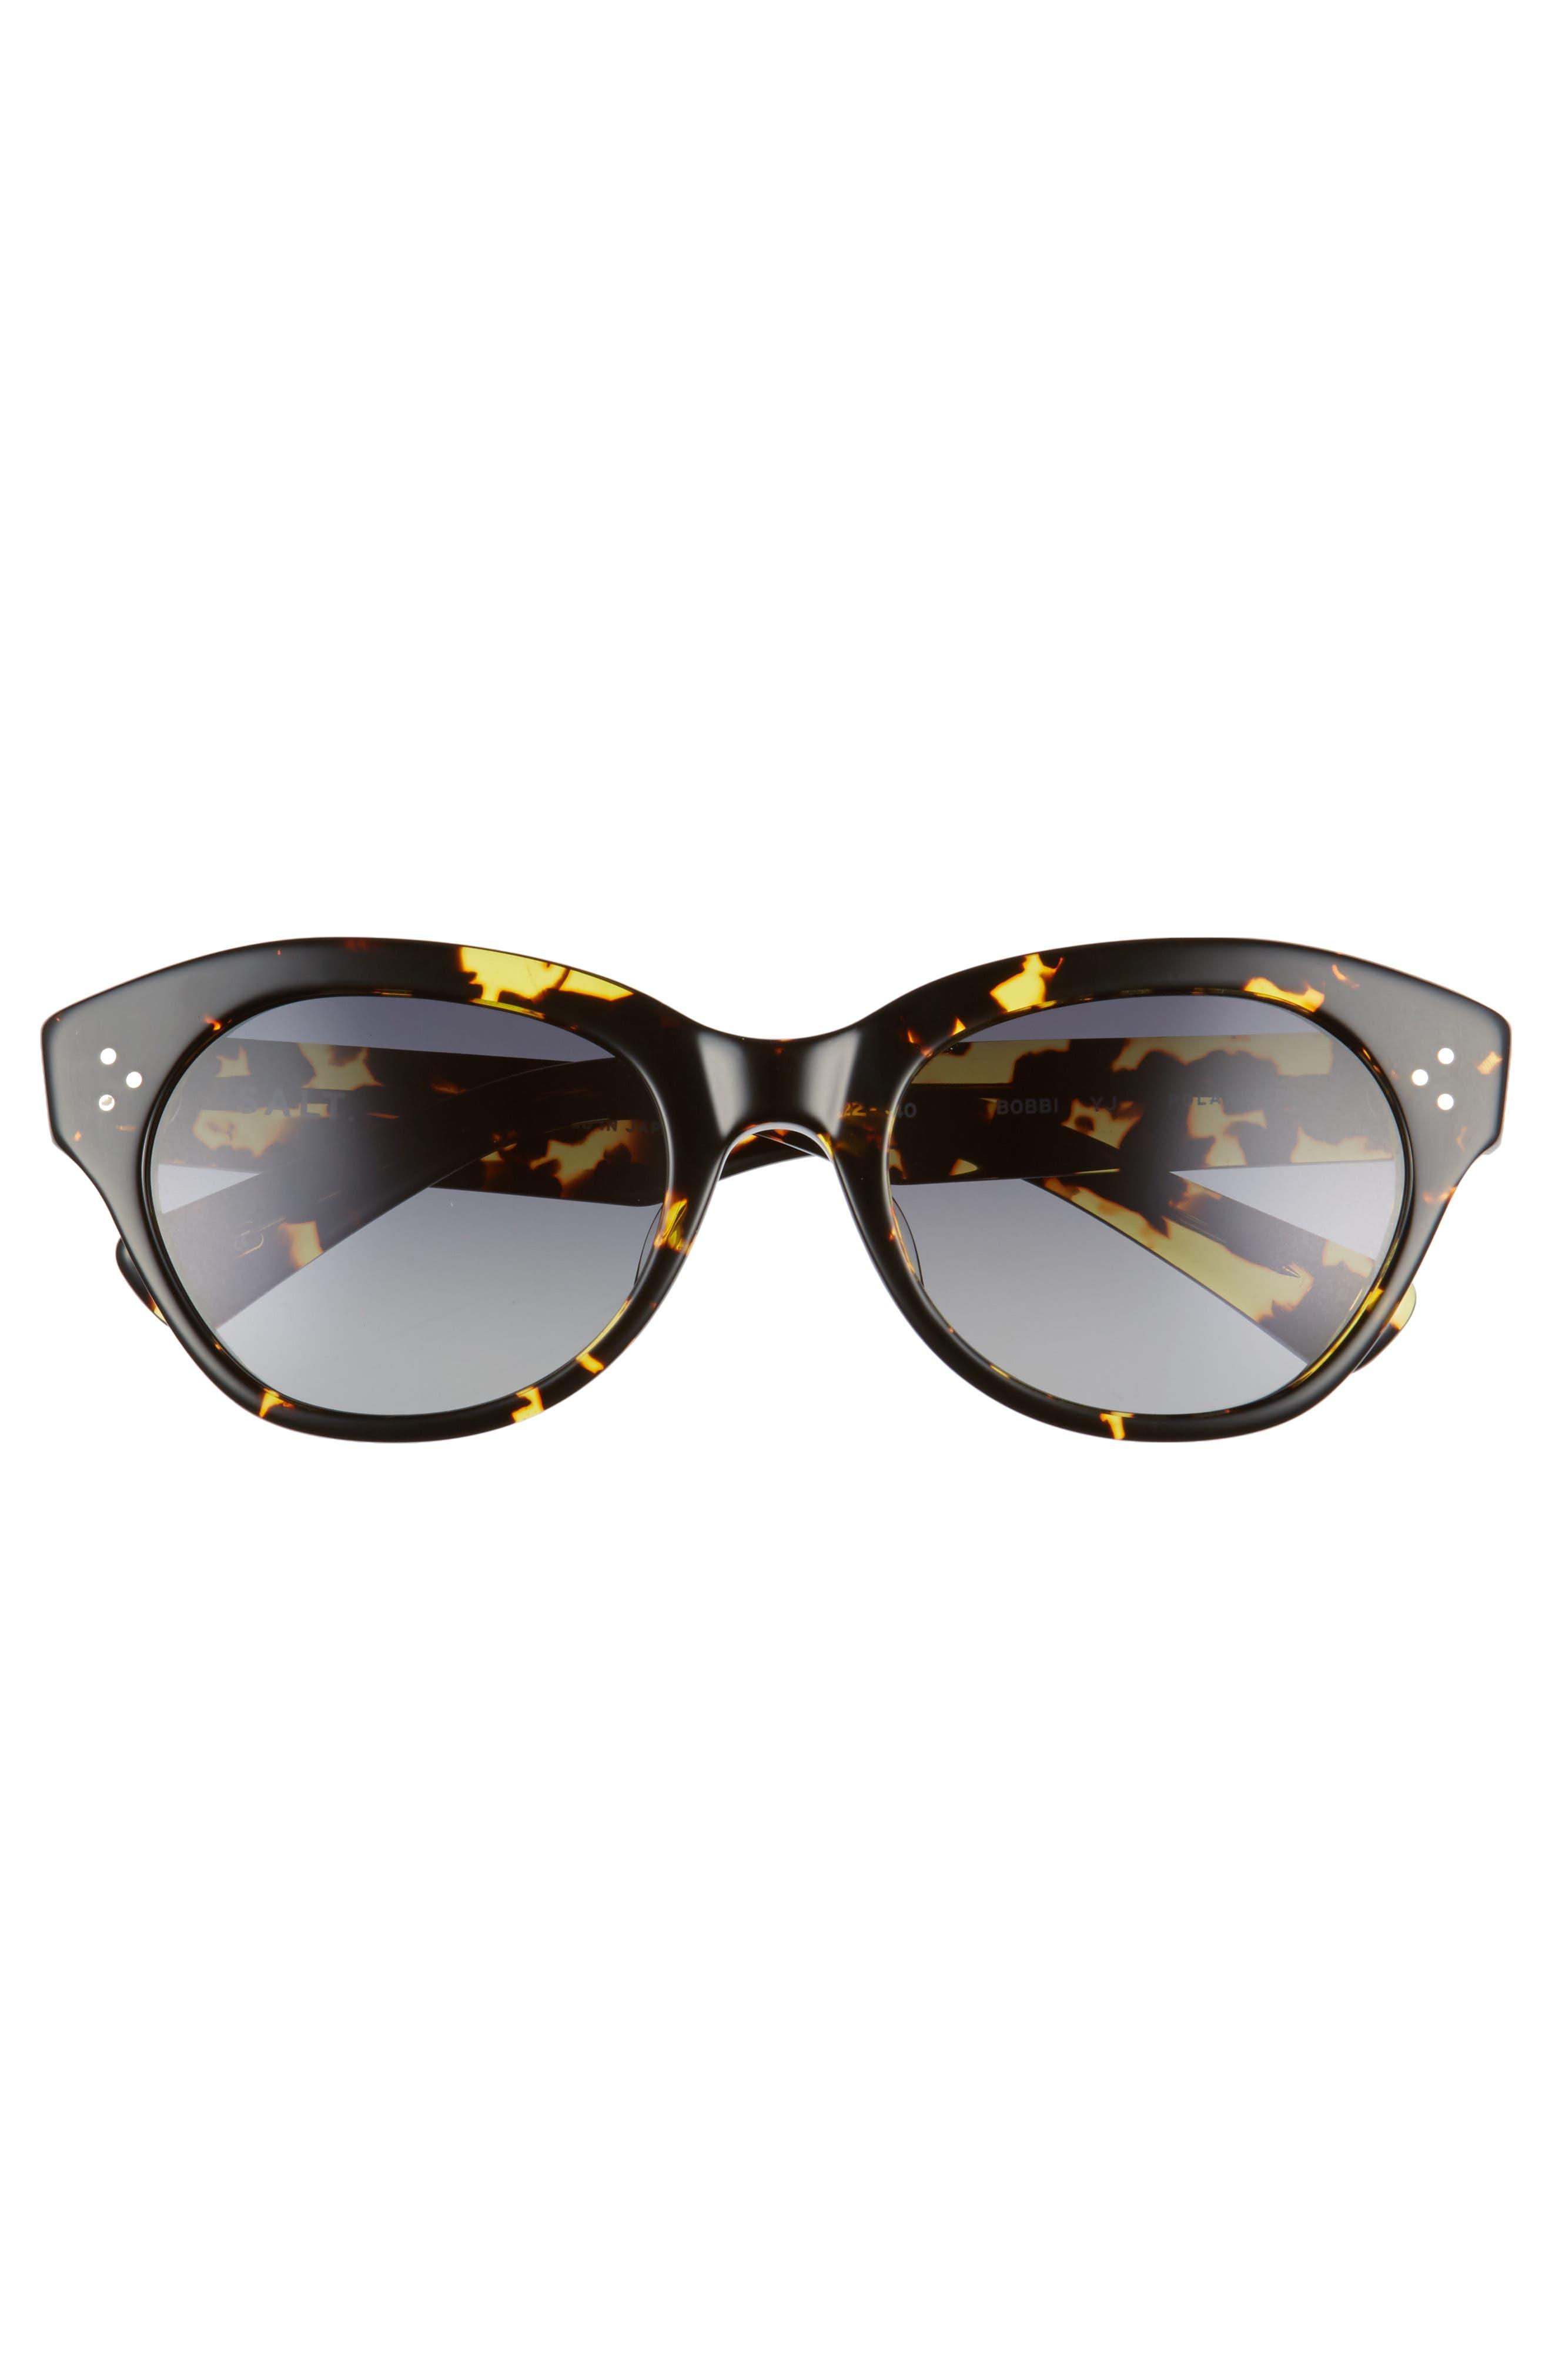 Bobbi 53mm Cat Eye Polarized Sunglasses,                             Alternate thumbnail 3, color,                             001